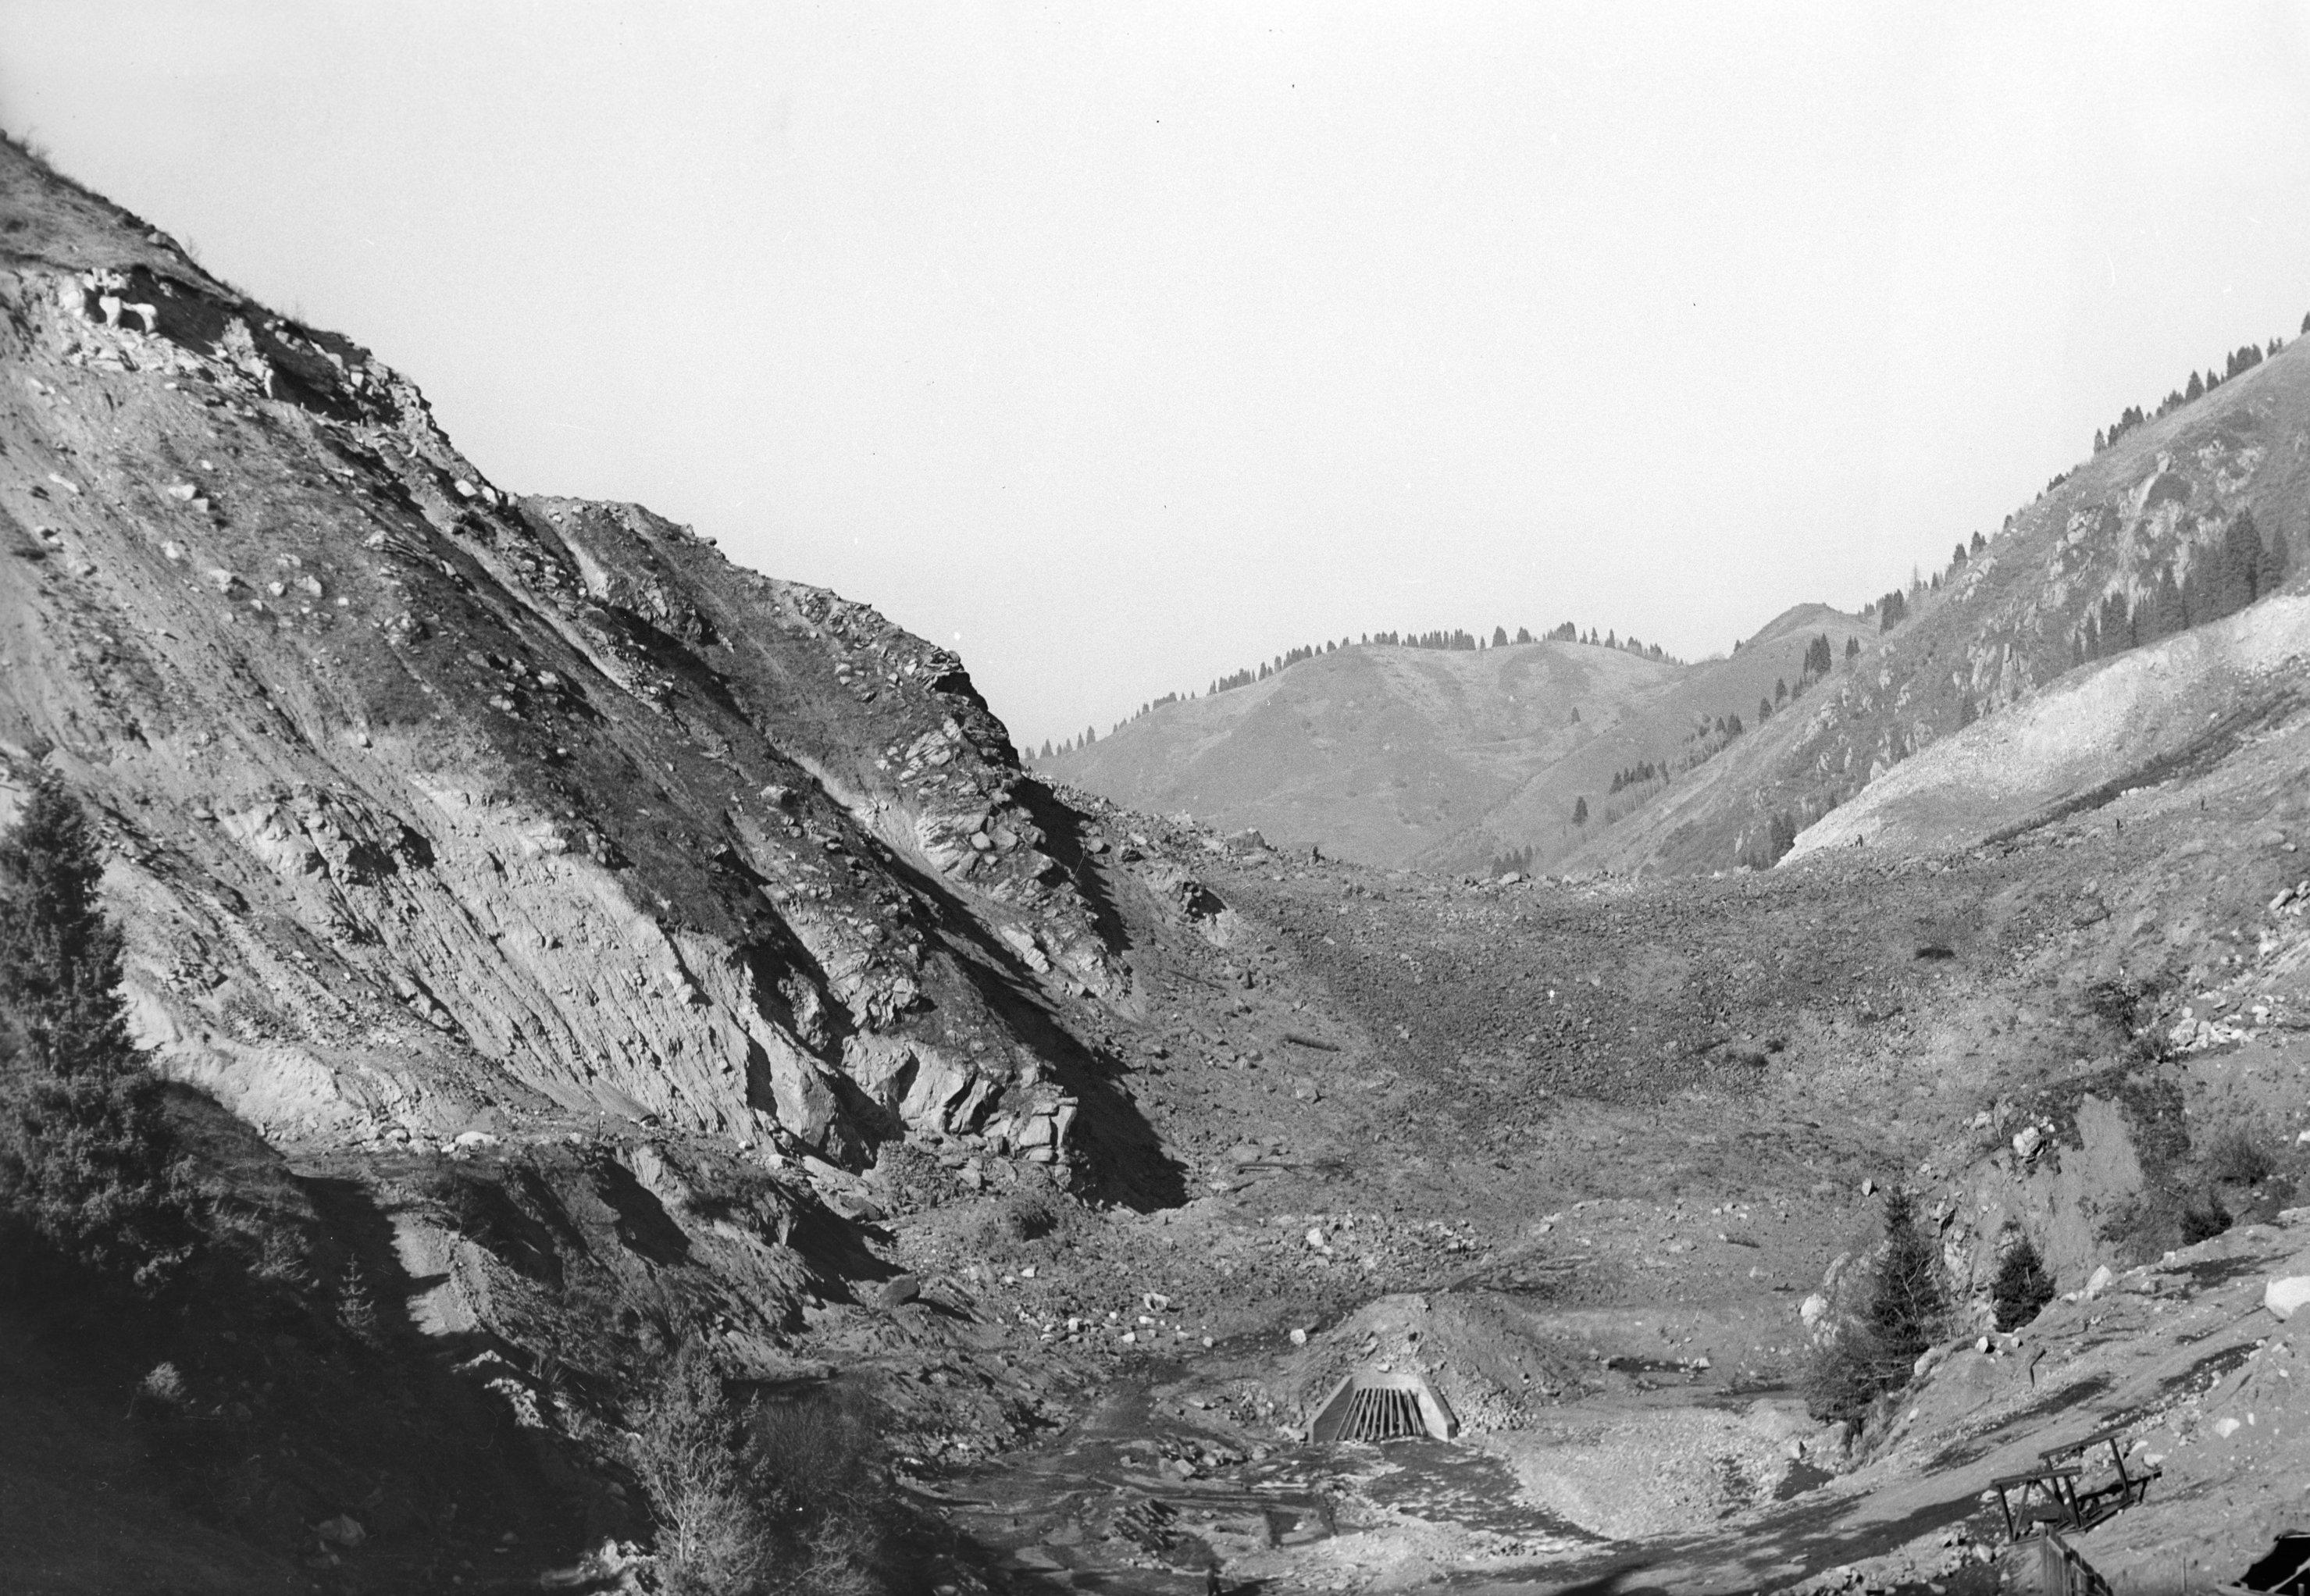 Урочище Медео после взрыва, произведенного для создания противоселевой плотины, 1966 год